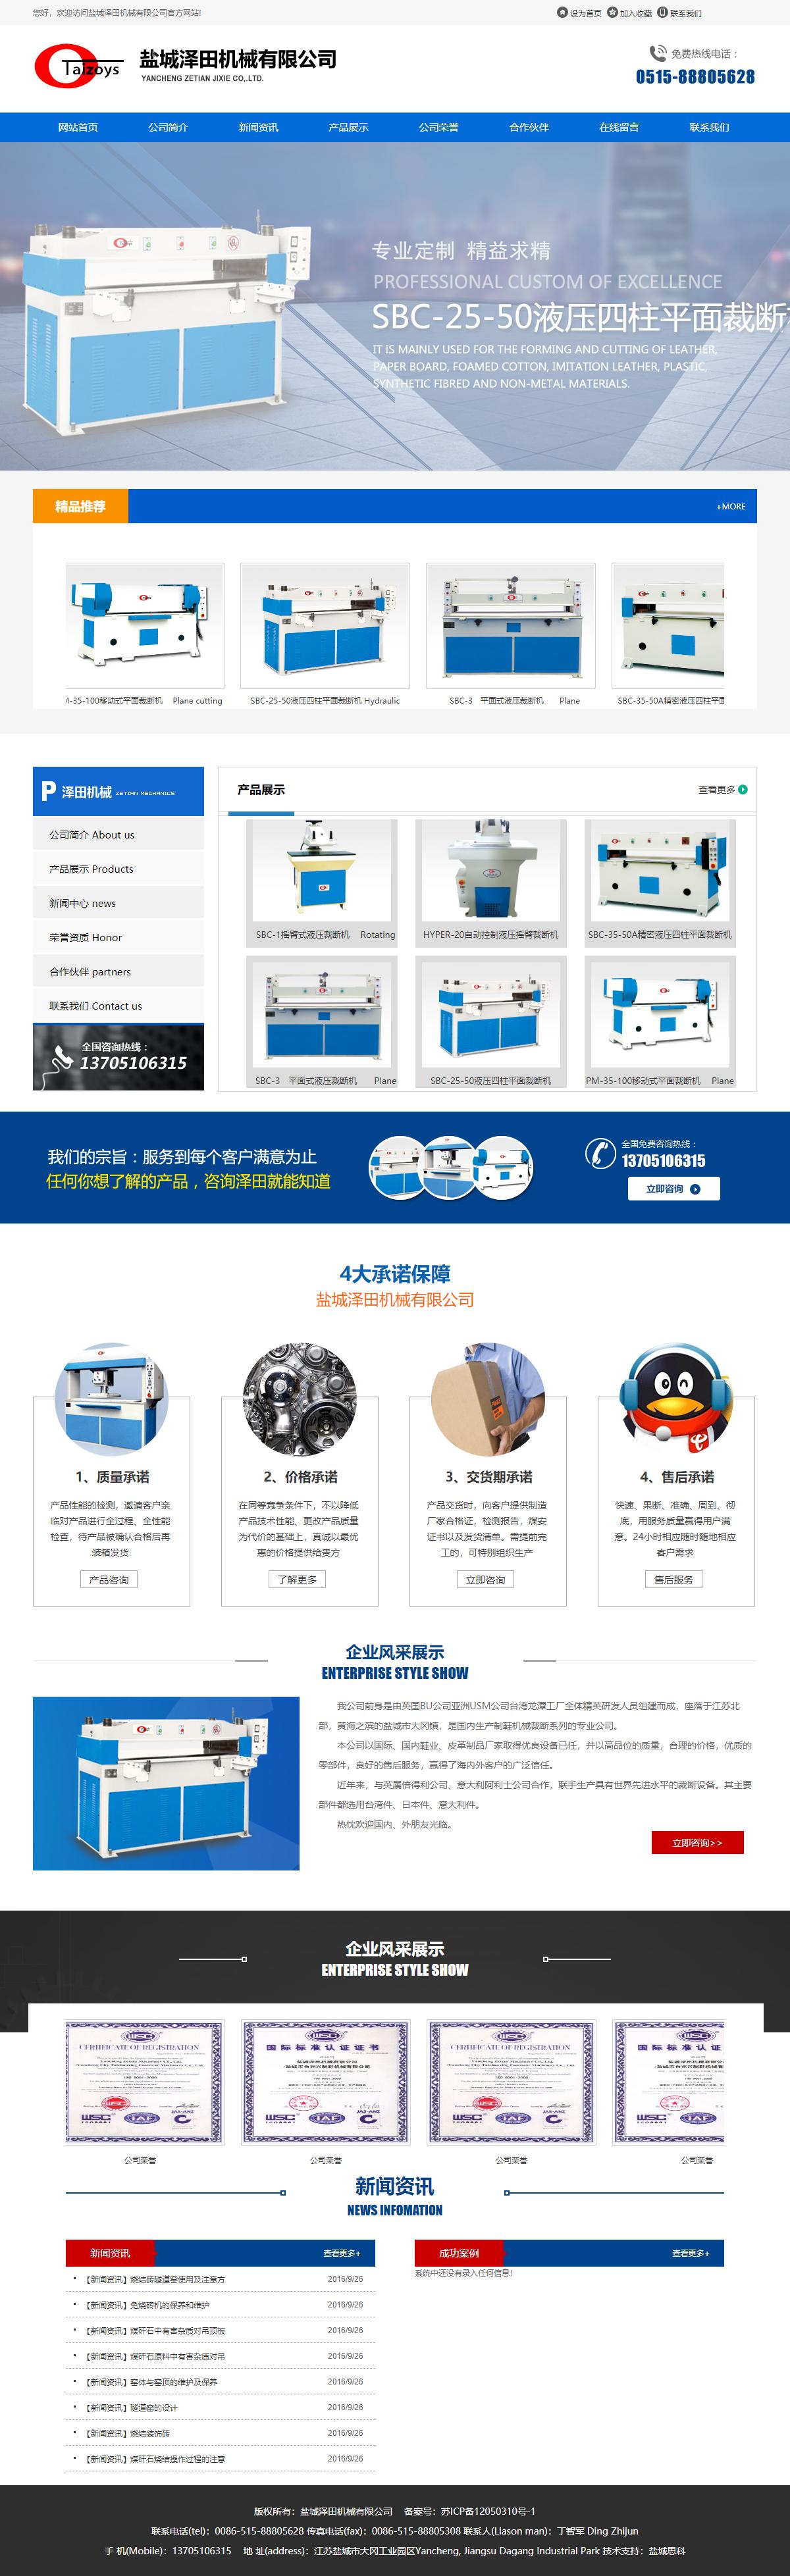 盐城泽田机械有限公司网站案例